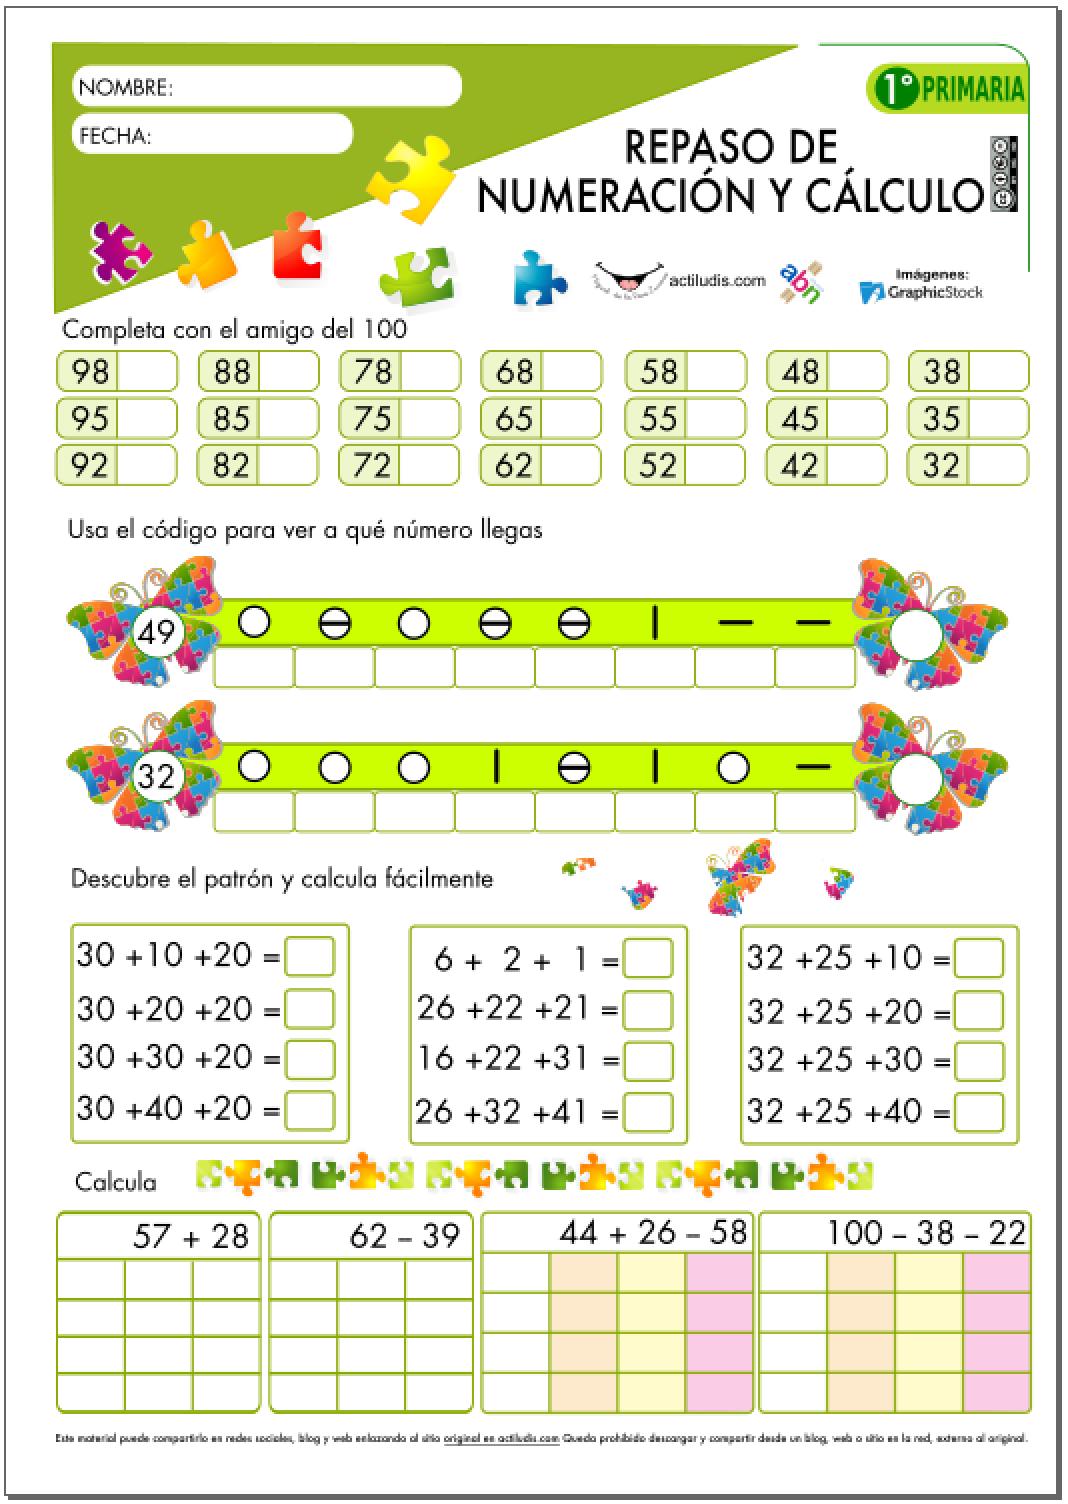 Repaso de numeración y cálculo para 1º de Primaria - Actiludis